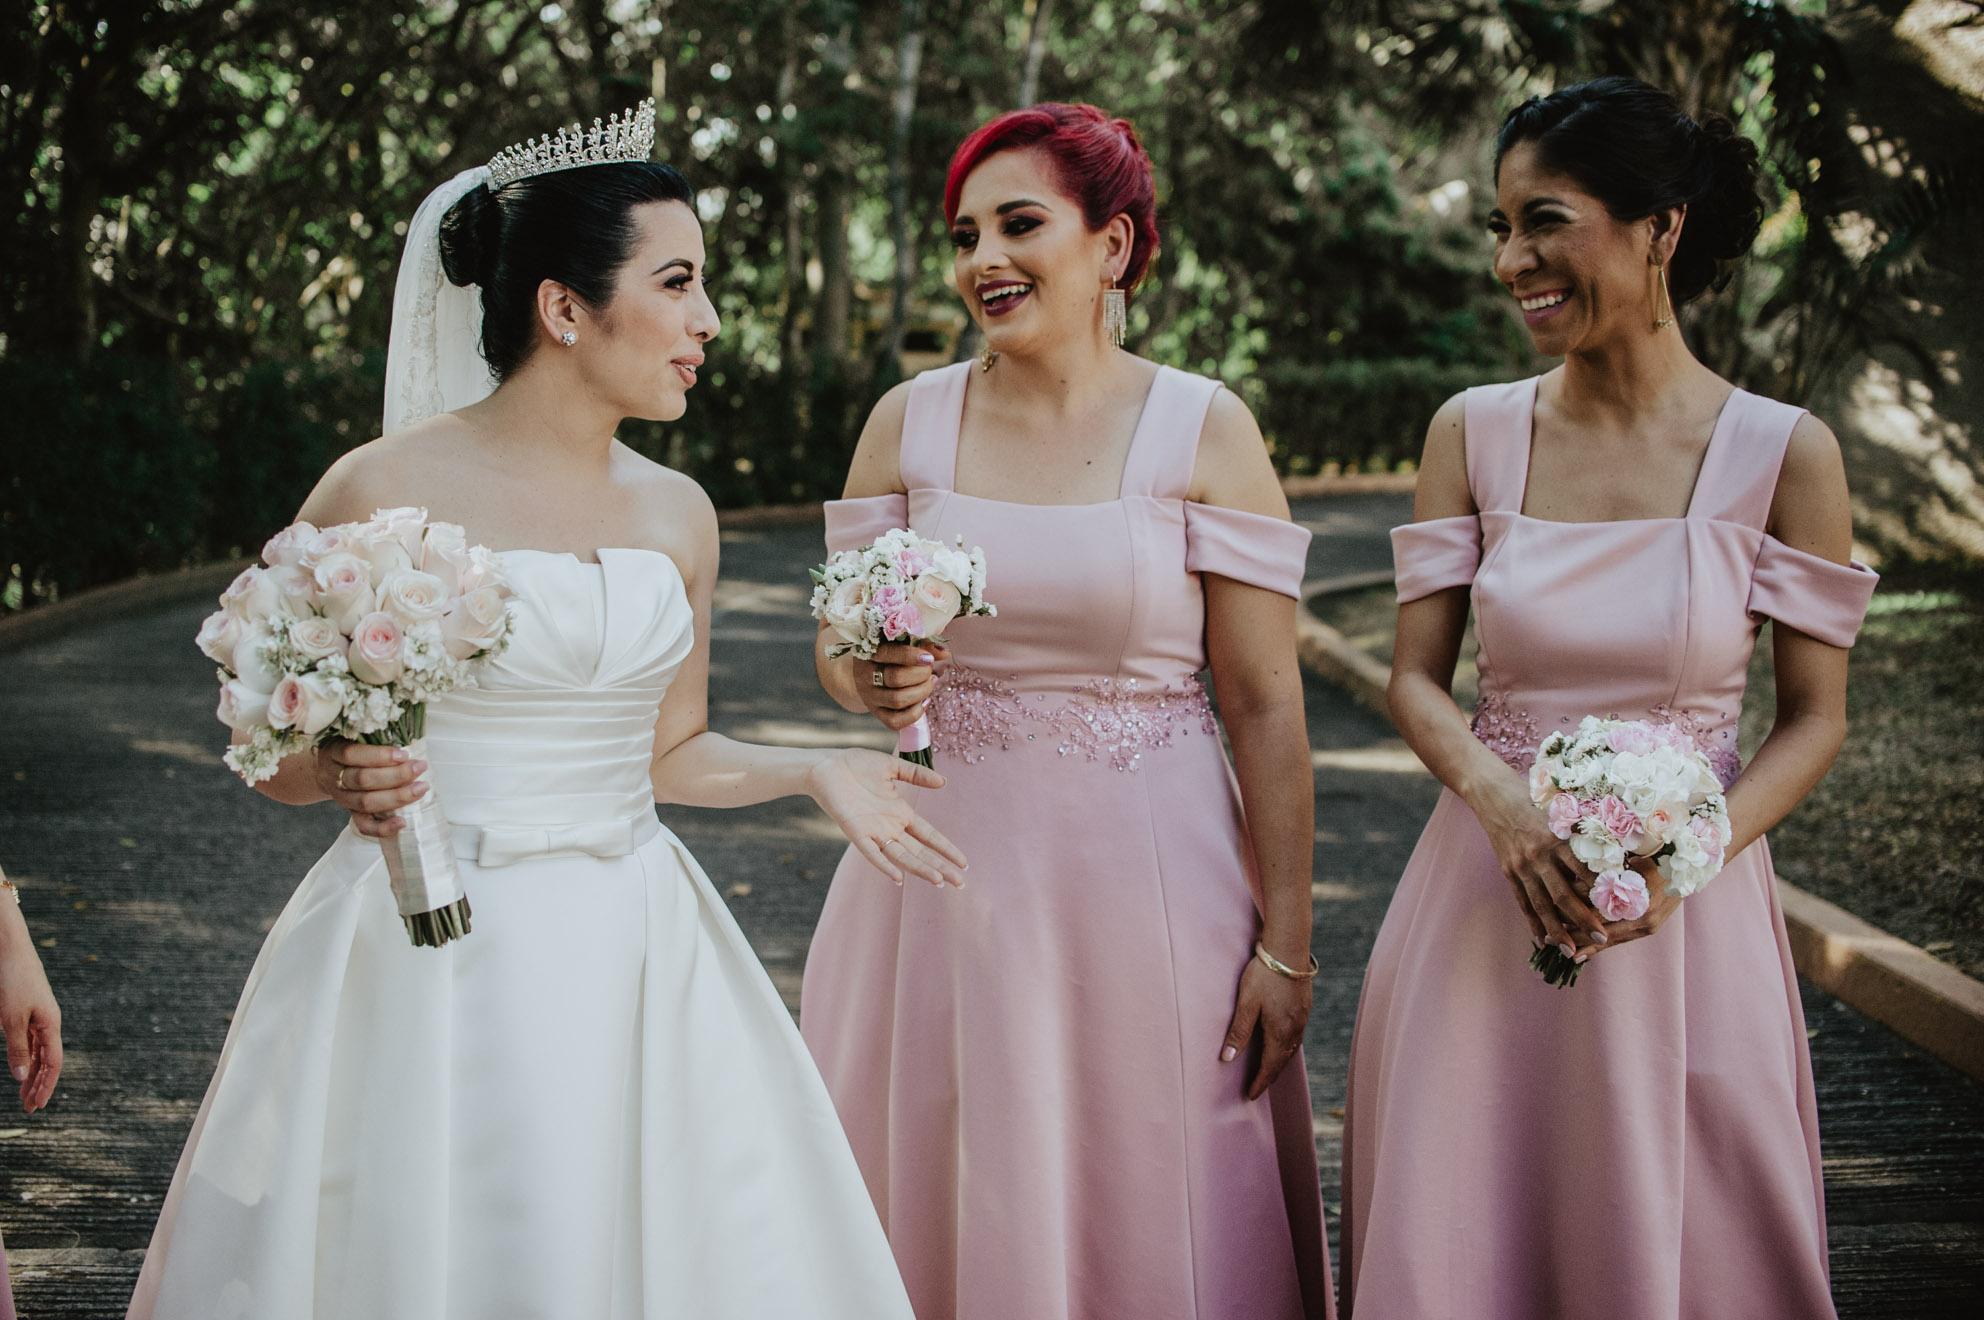 boda sara y juan carlos242.jpg